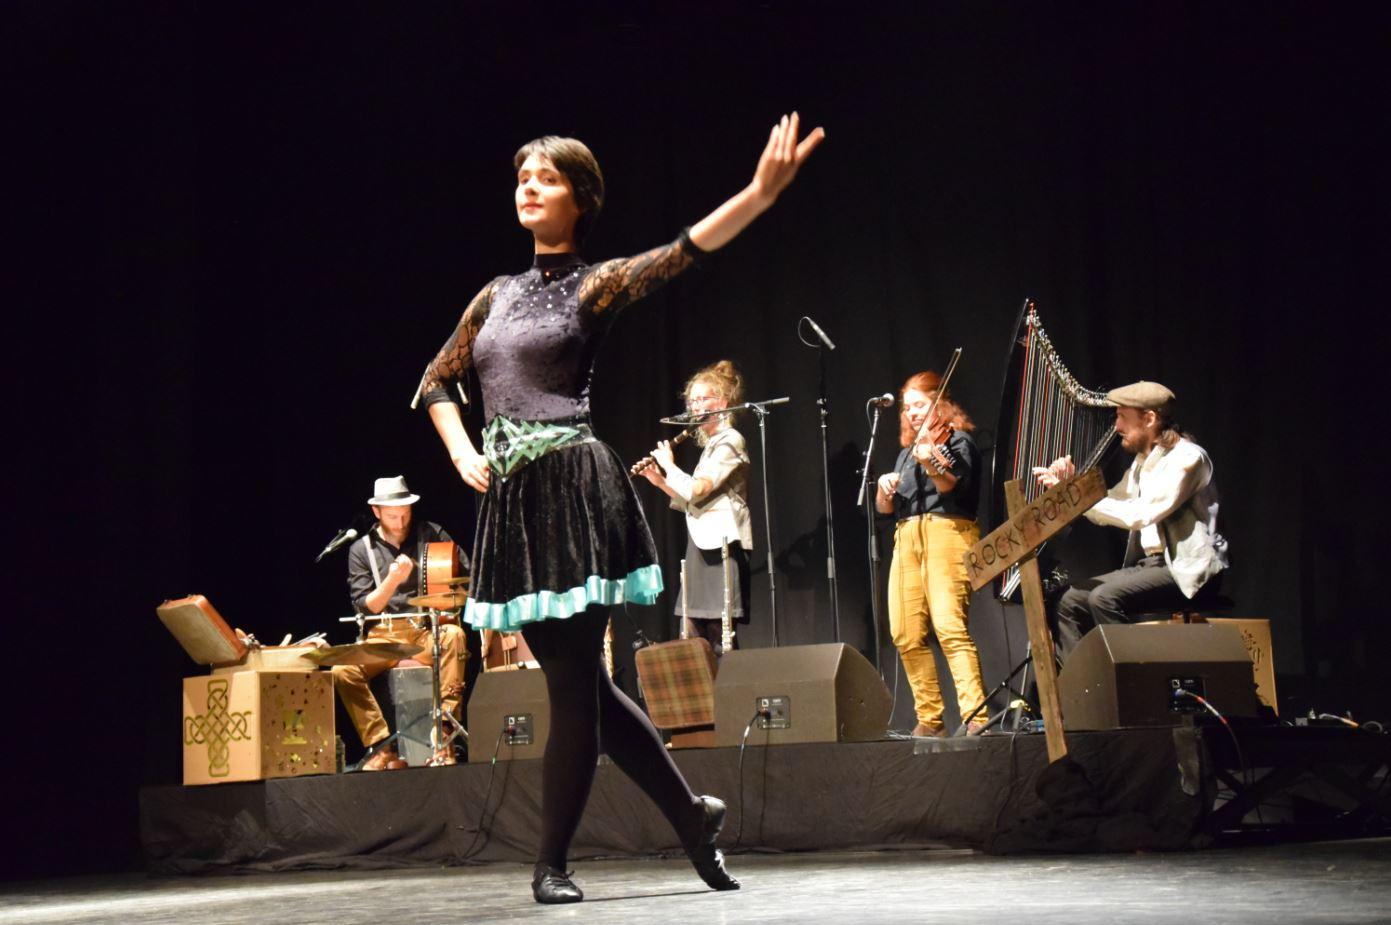 Danse irlandaise Spectacle What's the Craic? Ghillie's groupe de musique Irish and Folk music. Crédit: Séb Donges